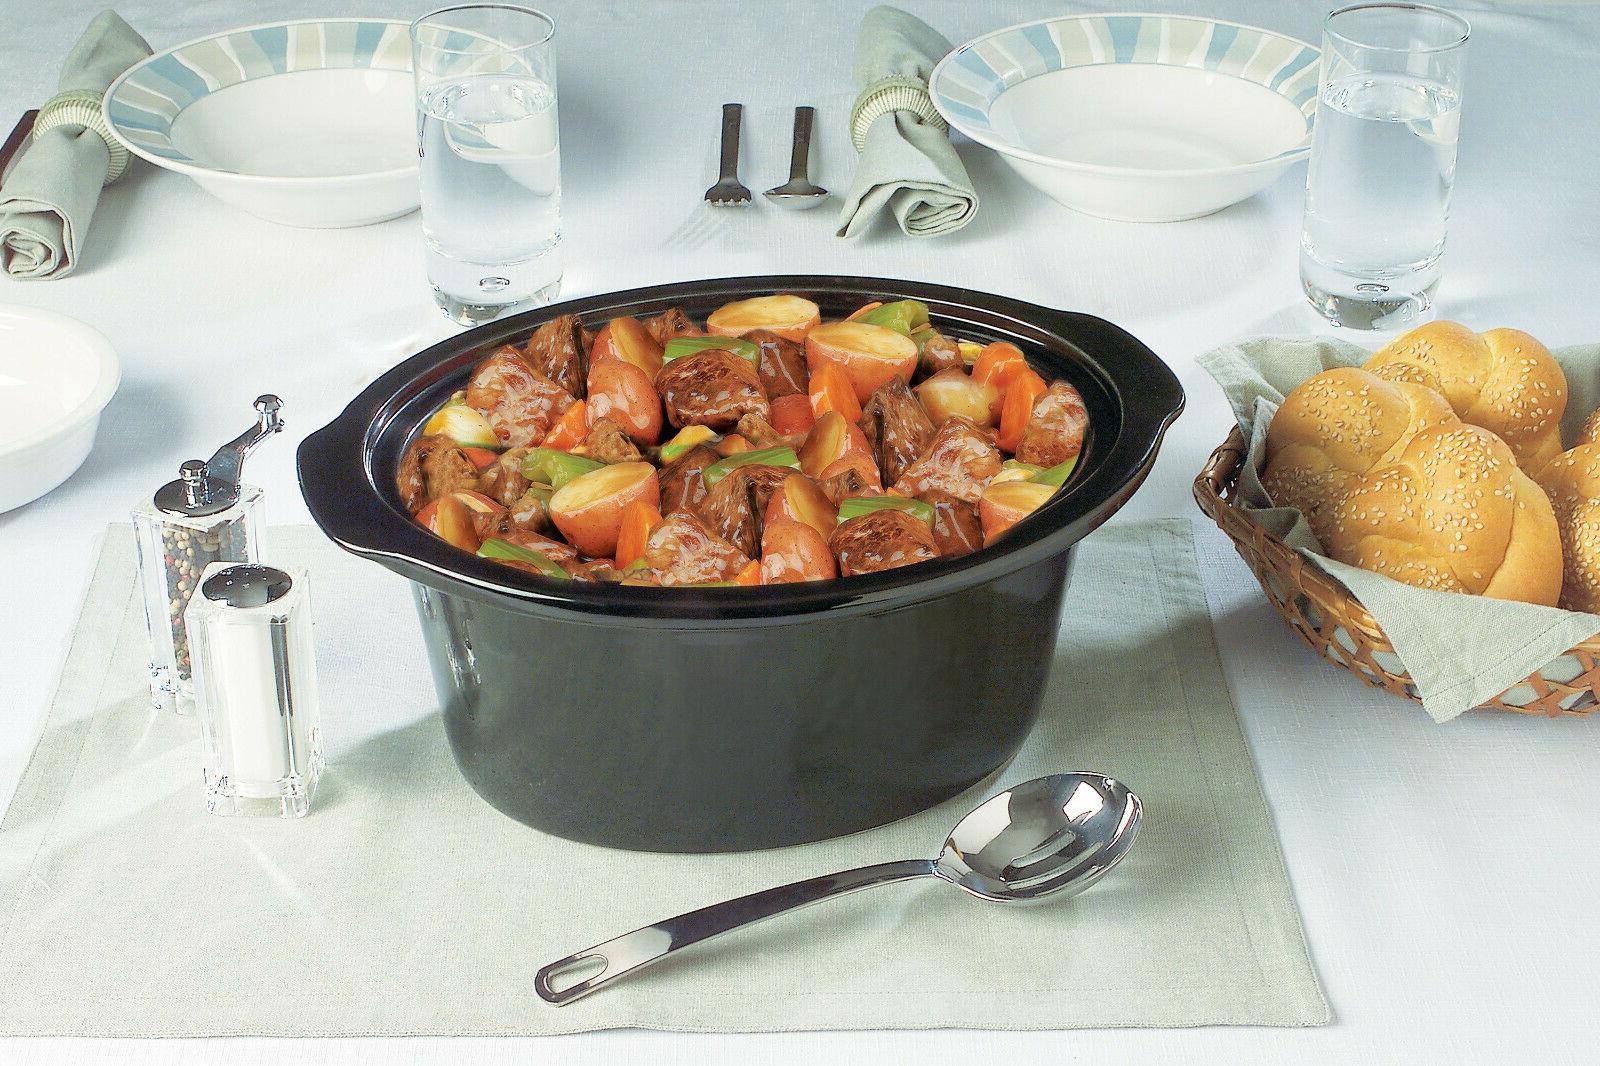 Crock-Pot 7 Slow Cooker, Black